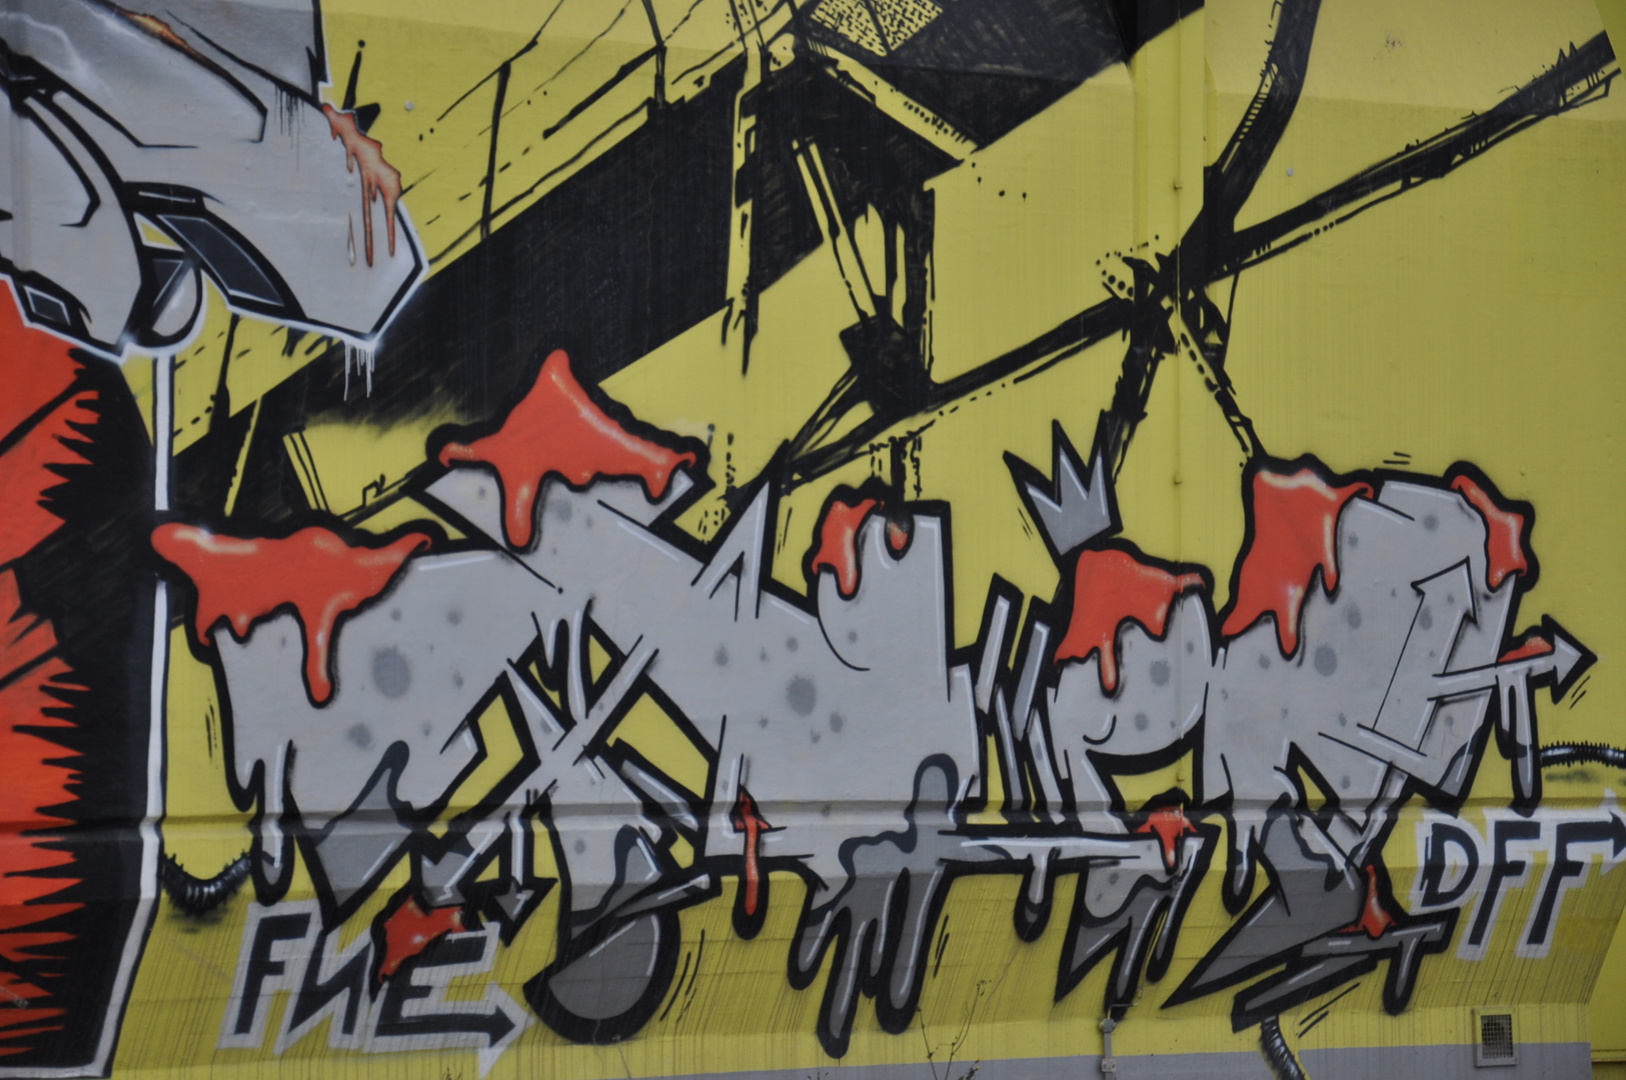 :Graffiti